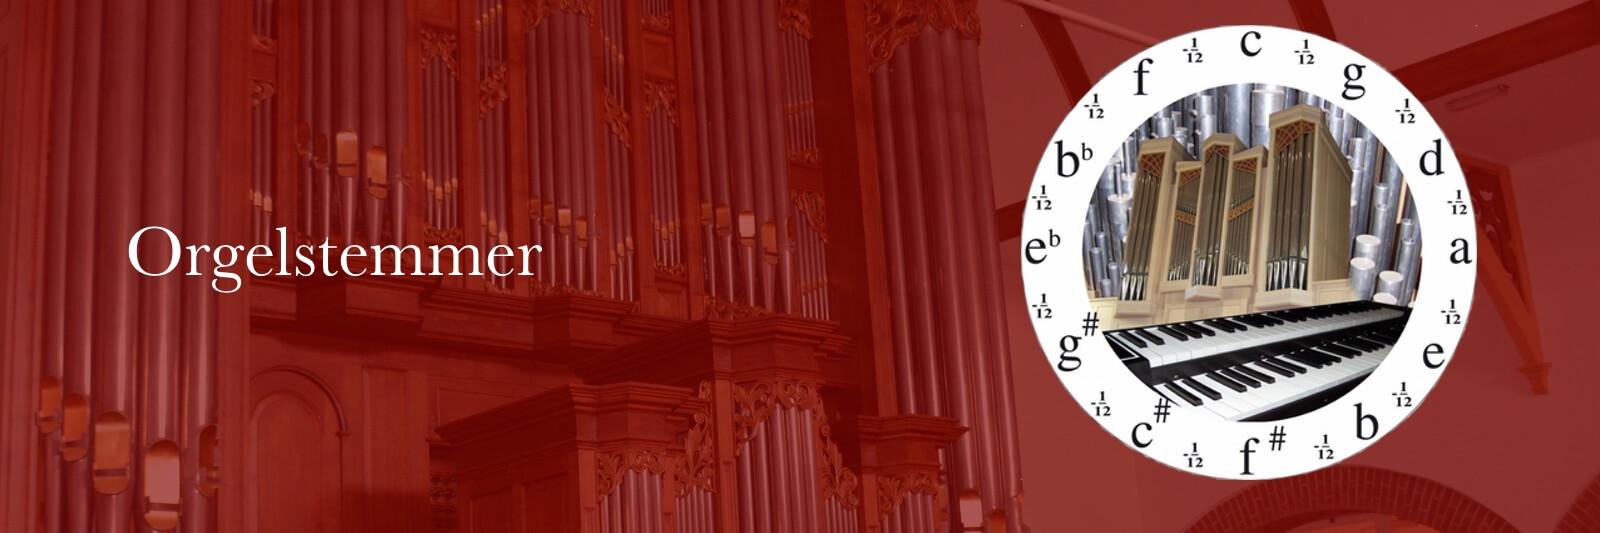 Orgelstemmer